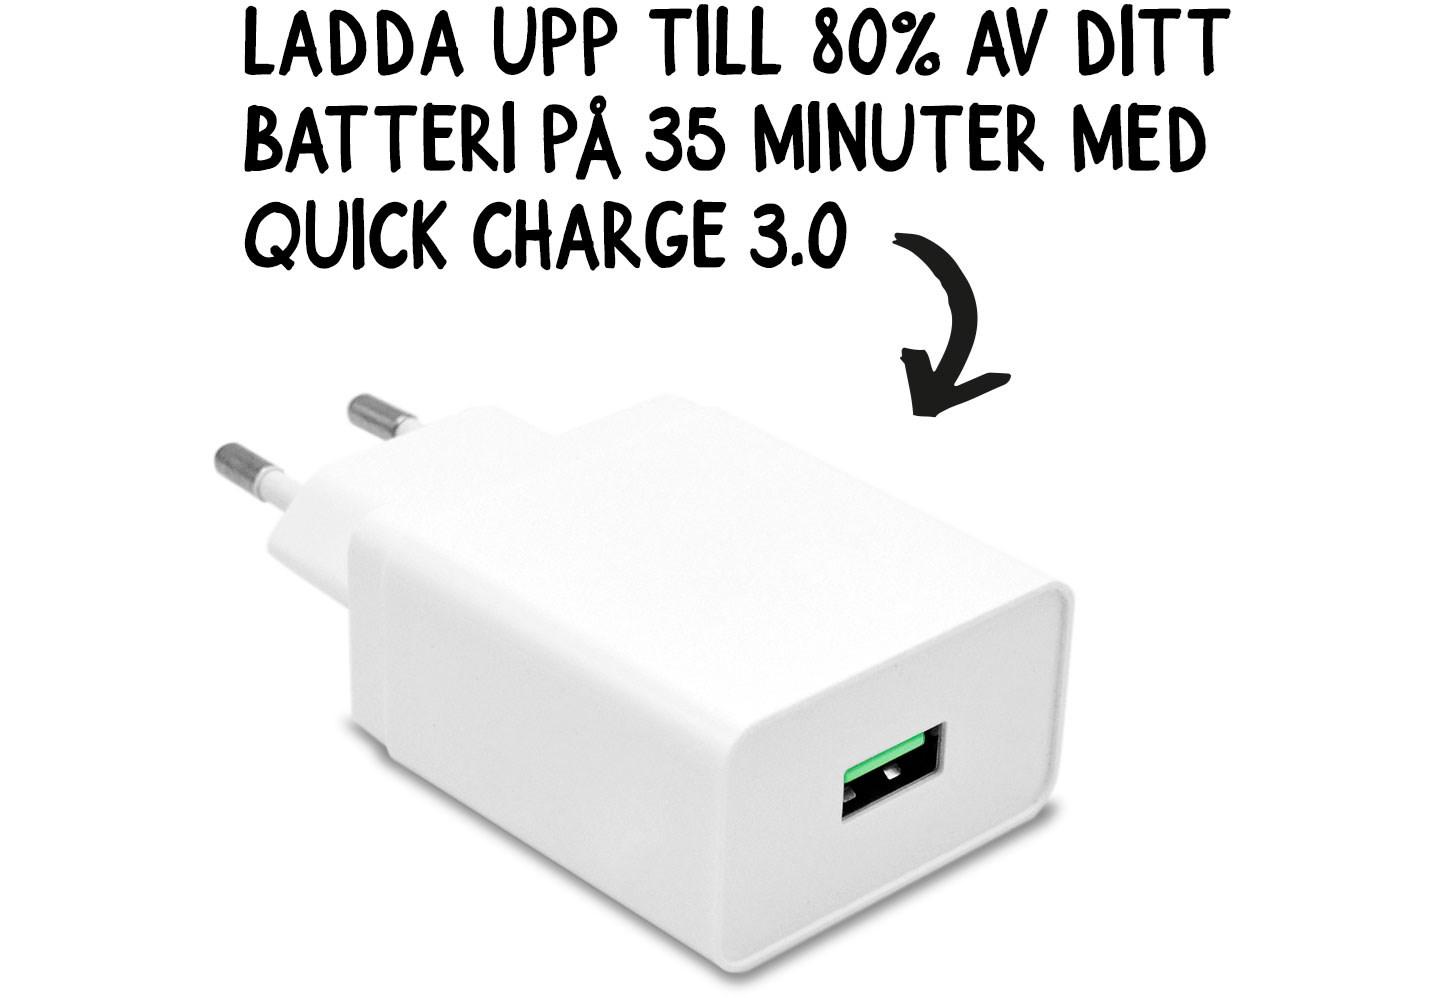 Ladda upp till 80% på 35 minuter med Quick Charge 3.0